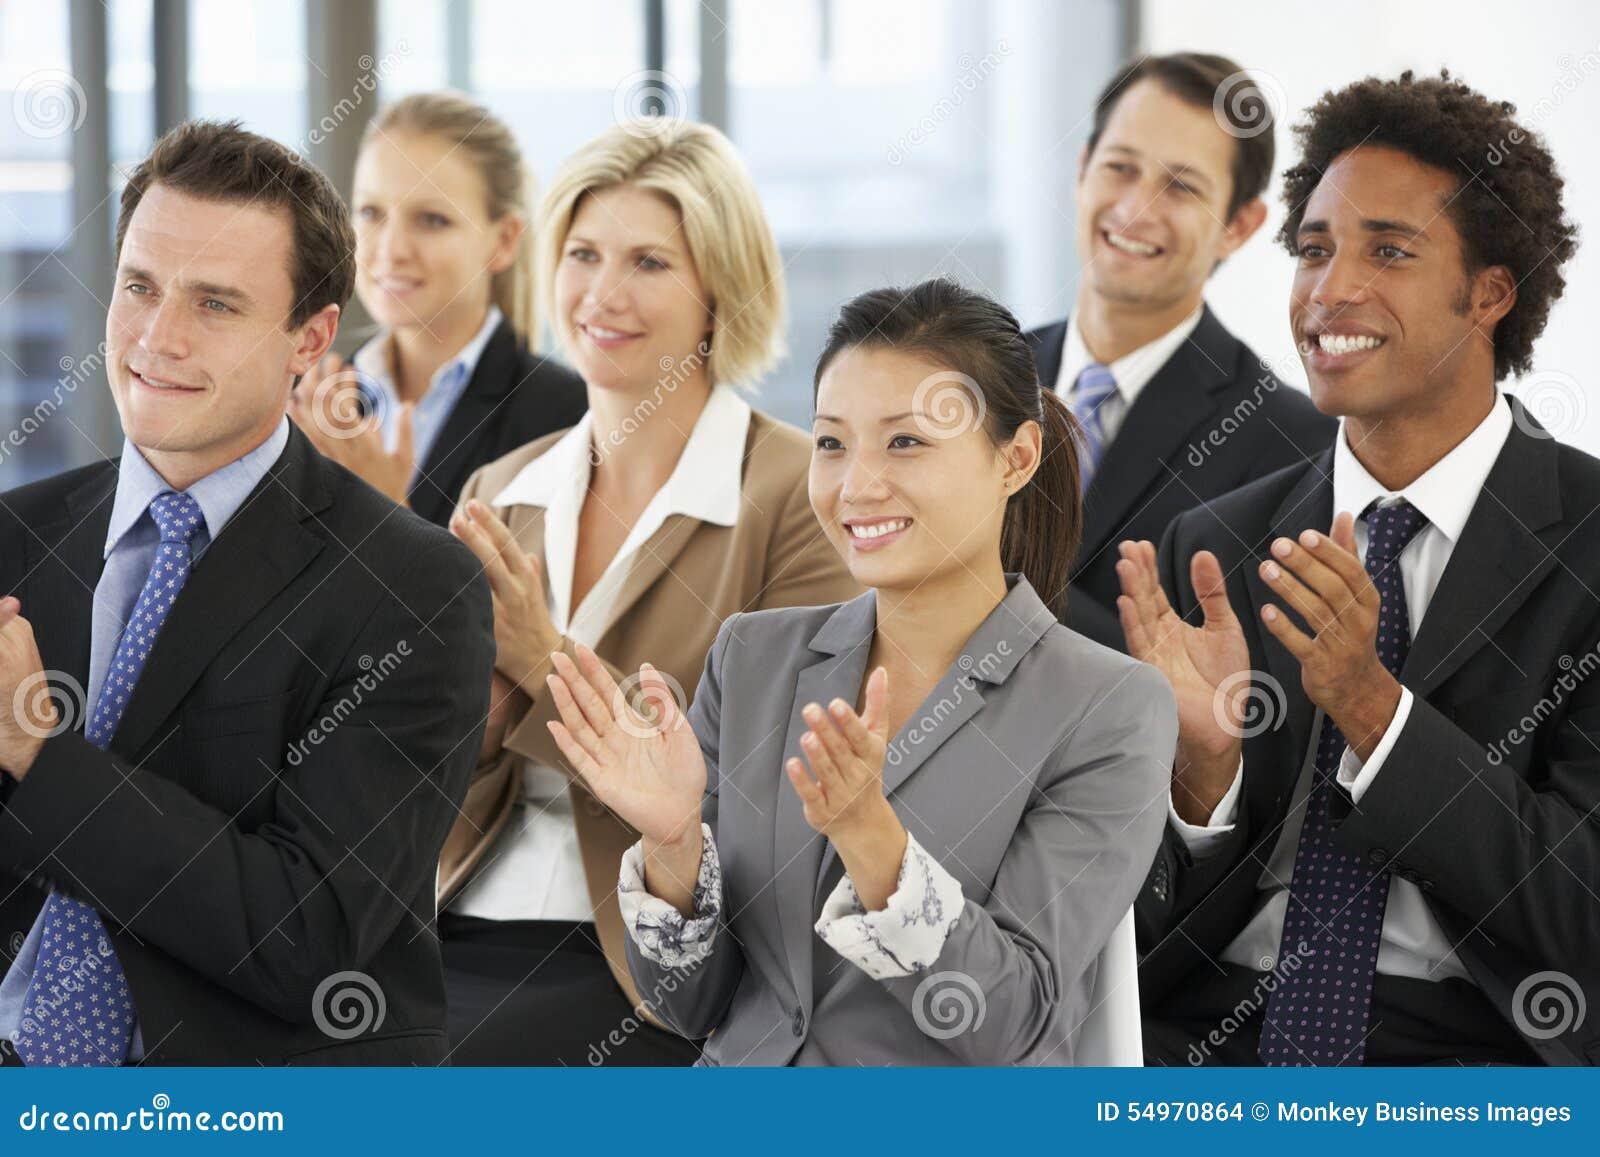 Gruppe Geschäftsleute, die Sprecher am Ende einer Darstellung applaudieren